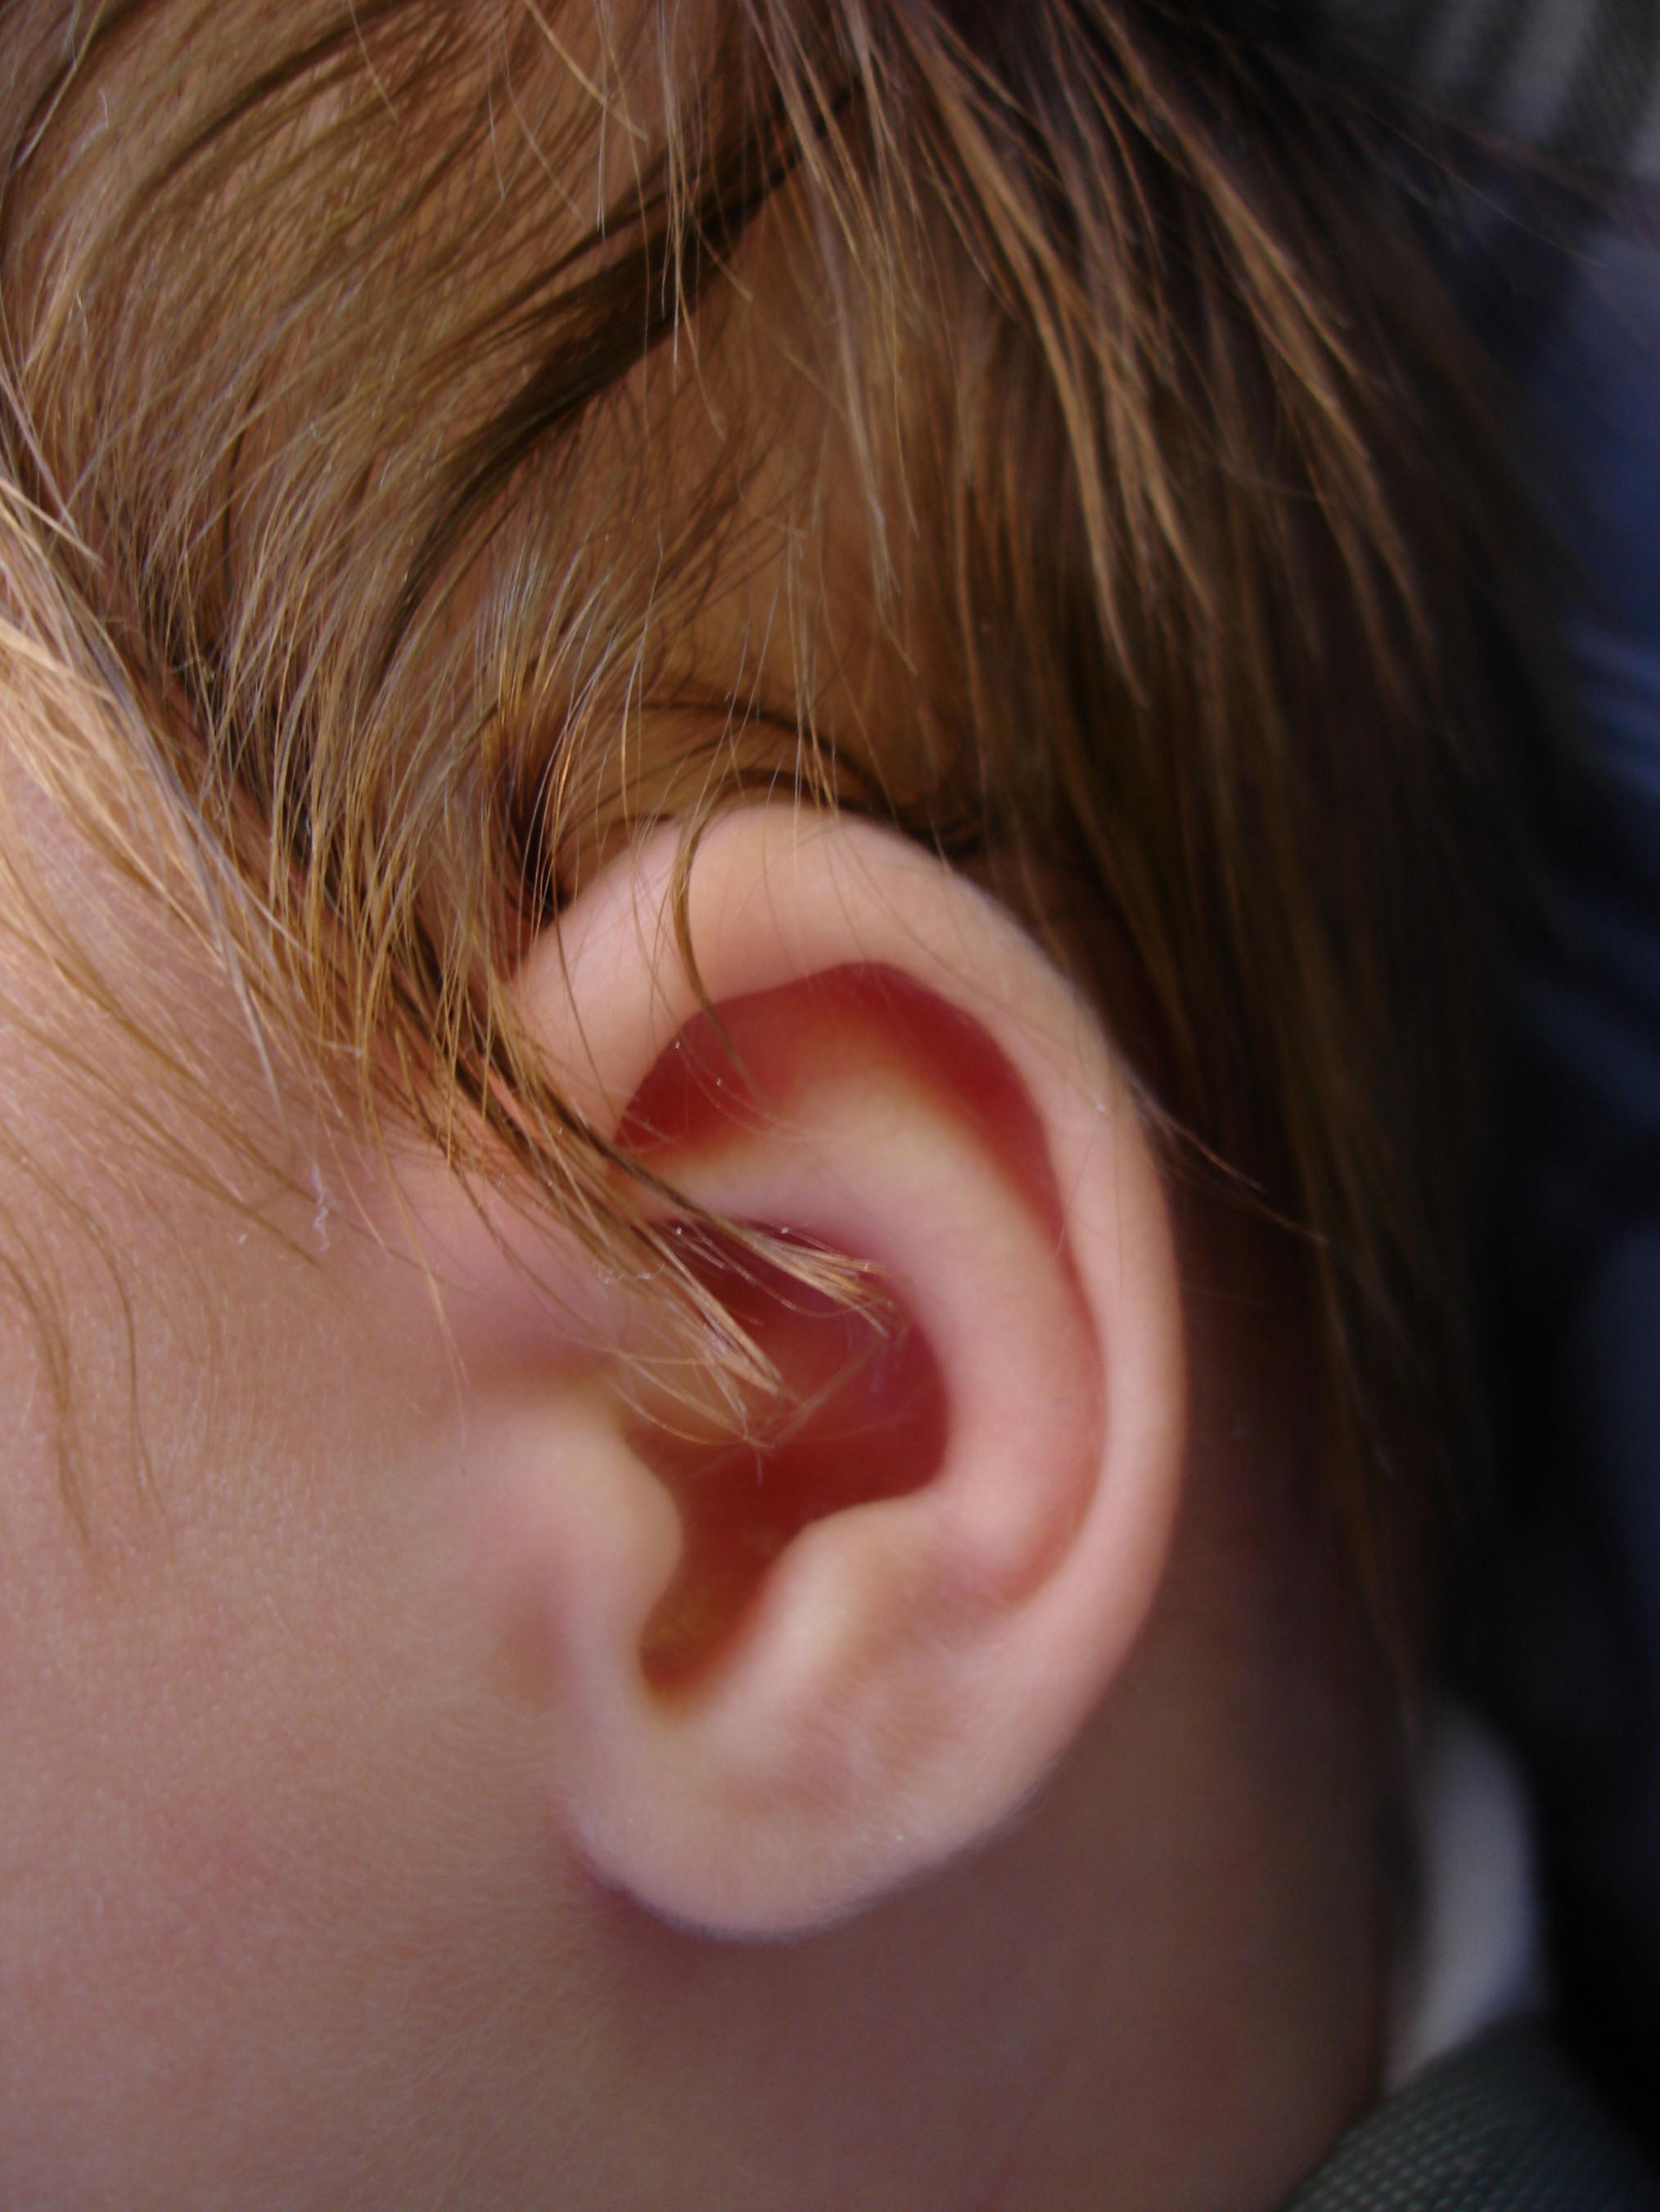 infant-ear-1564018